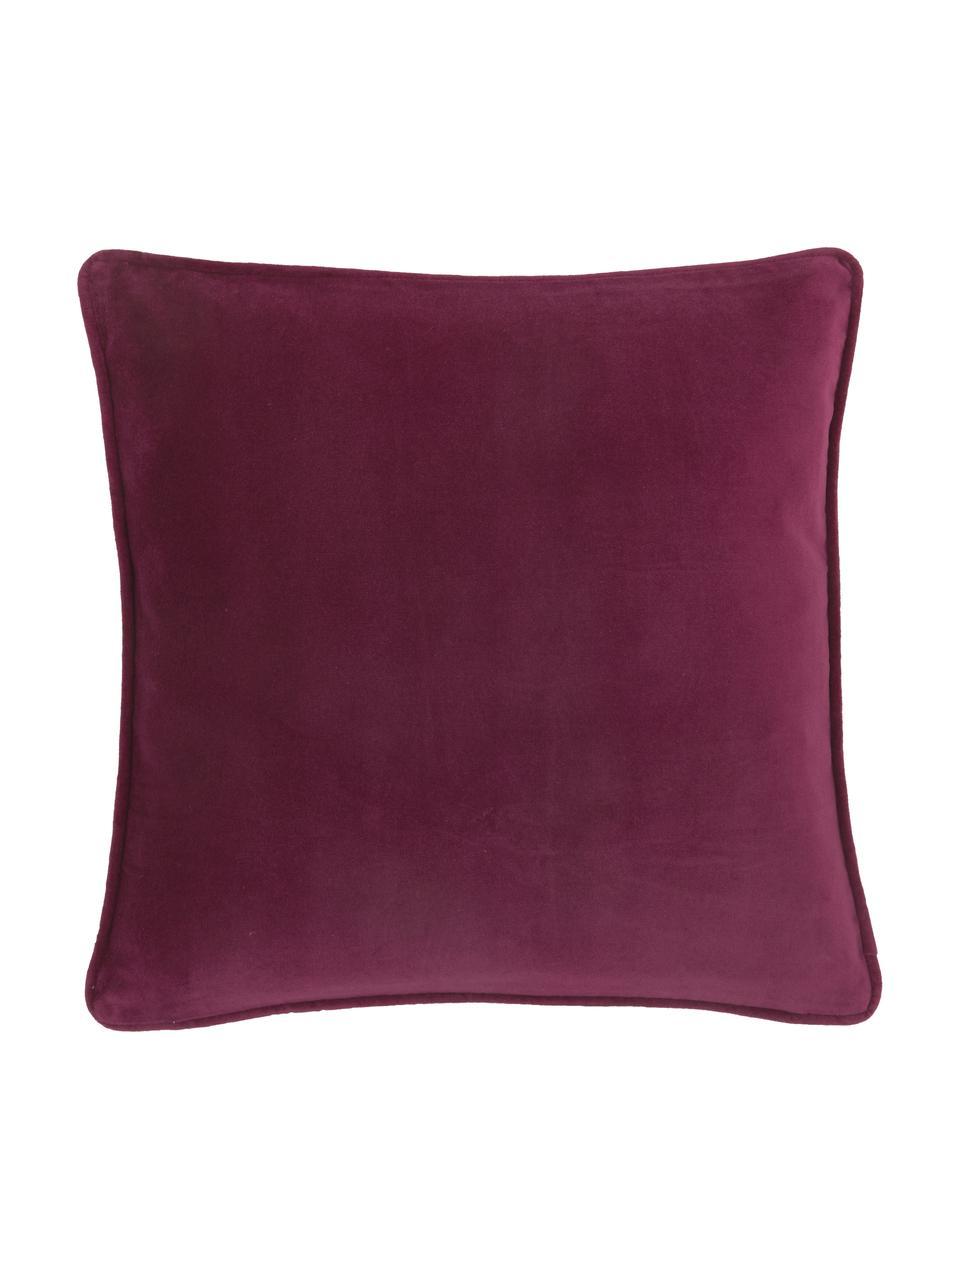 Federa arredo in velluto vino rosso Dana, 100% velluto di cotone, Vino rosso, Larg. 50 x Lung. 50 cm